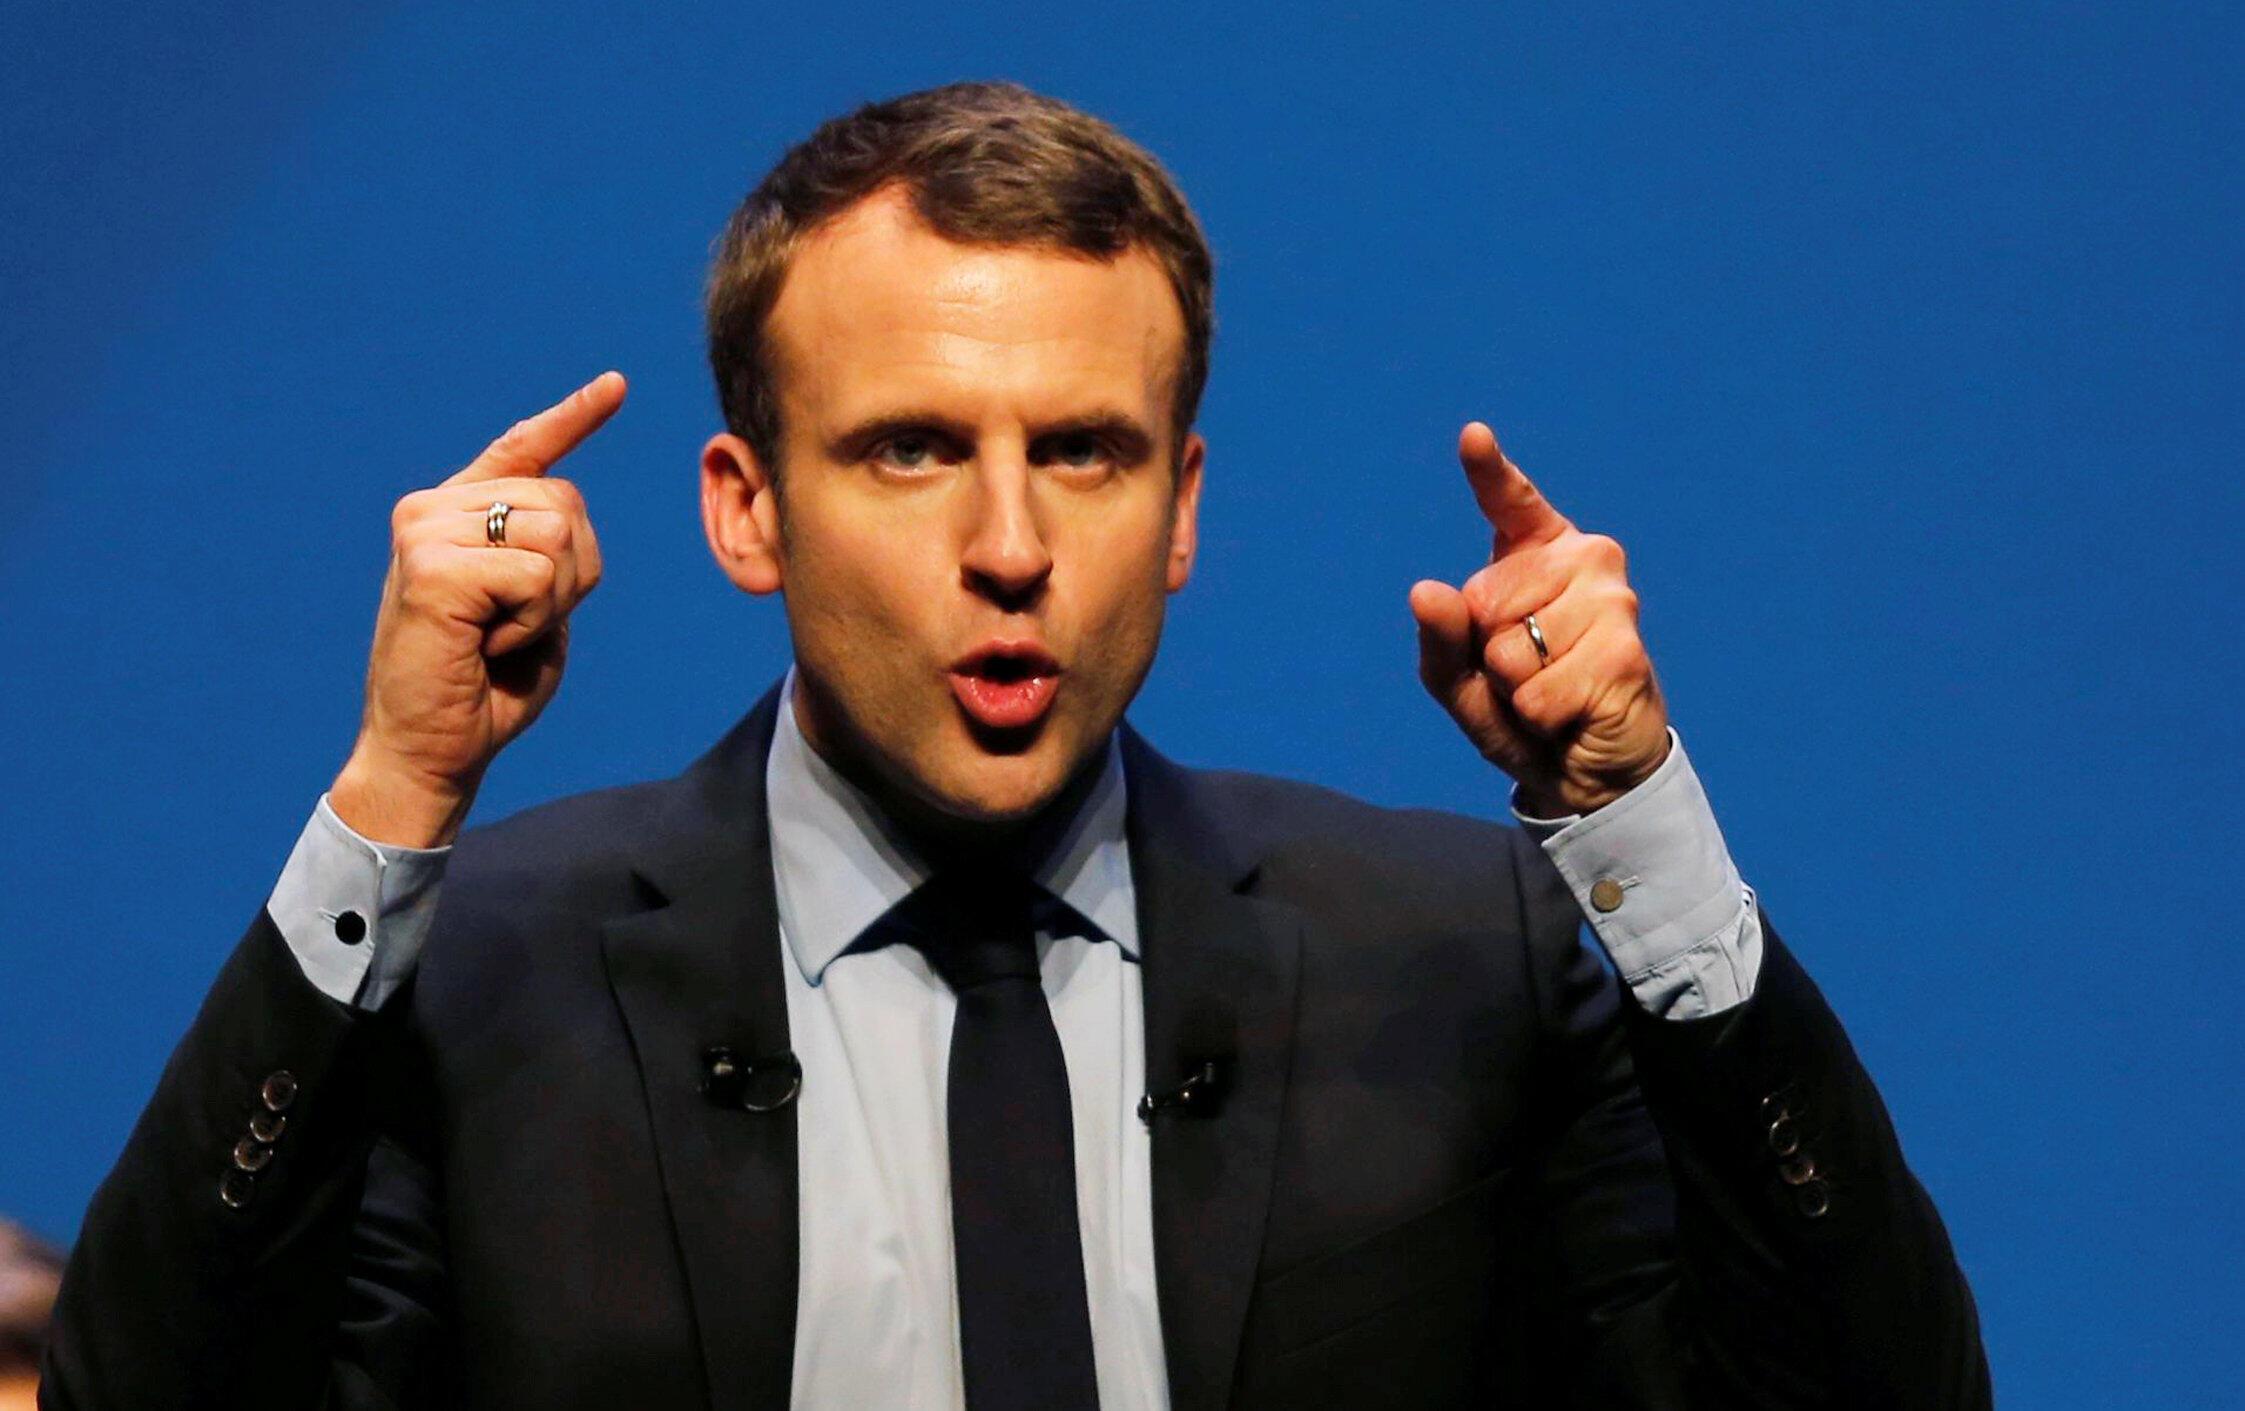 Emmanuel Macron en meeting à Talence, dans le sud-ouest de la France, le 9 mars 2017.